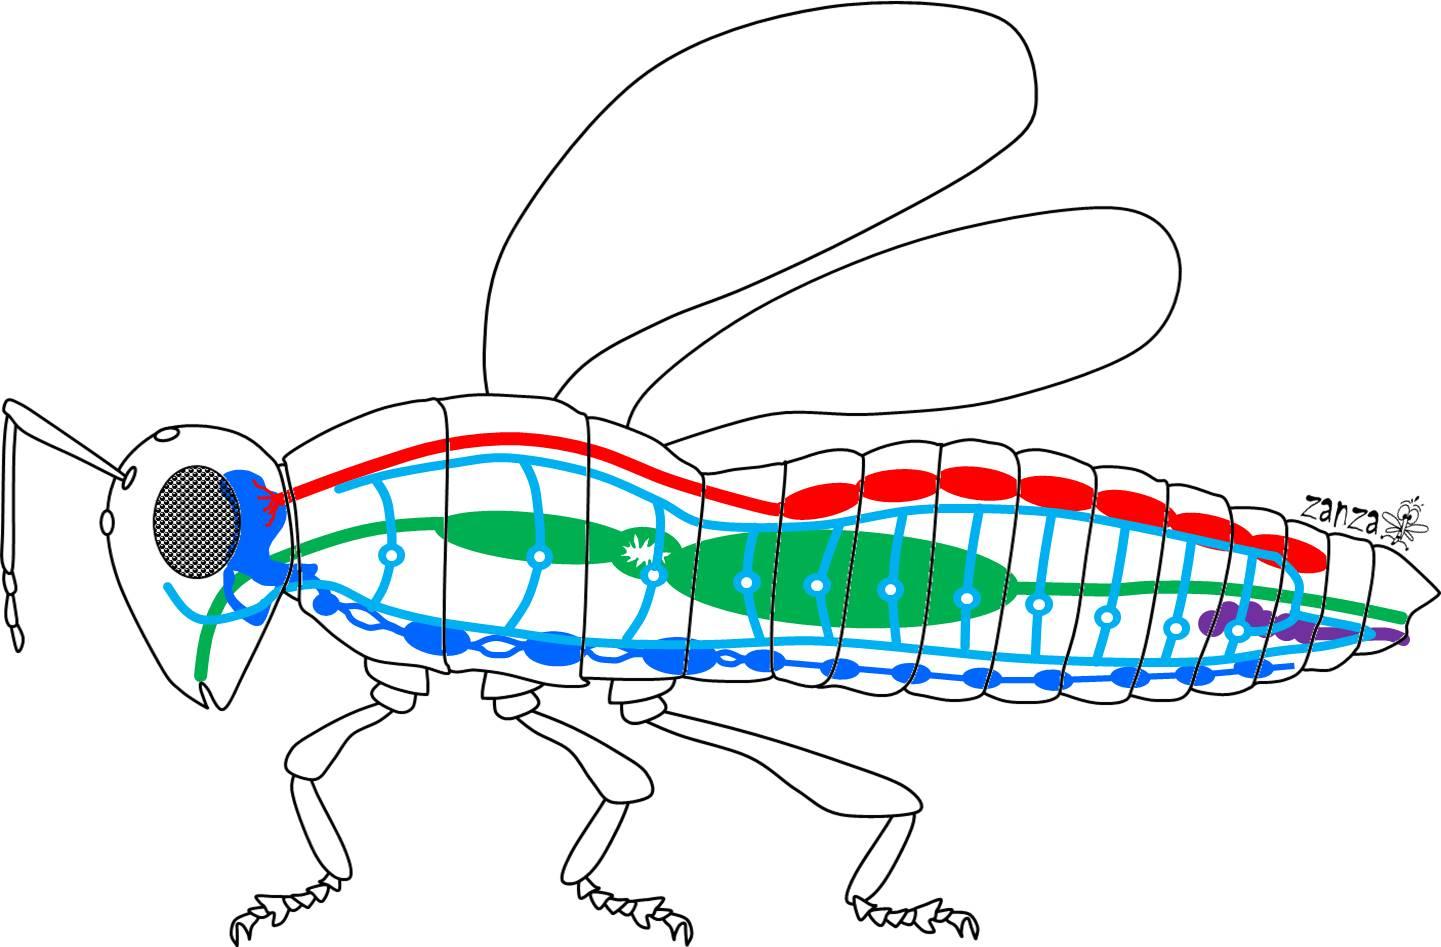 Anatomia degli insetti